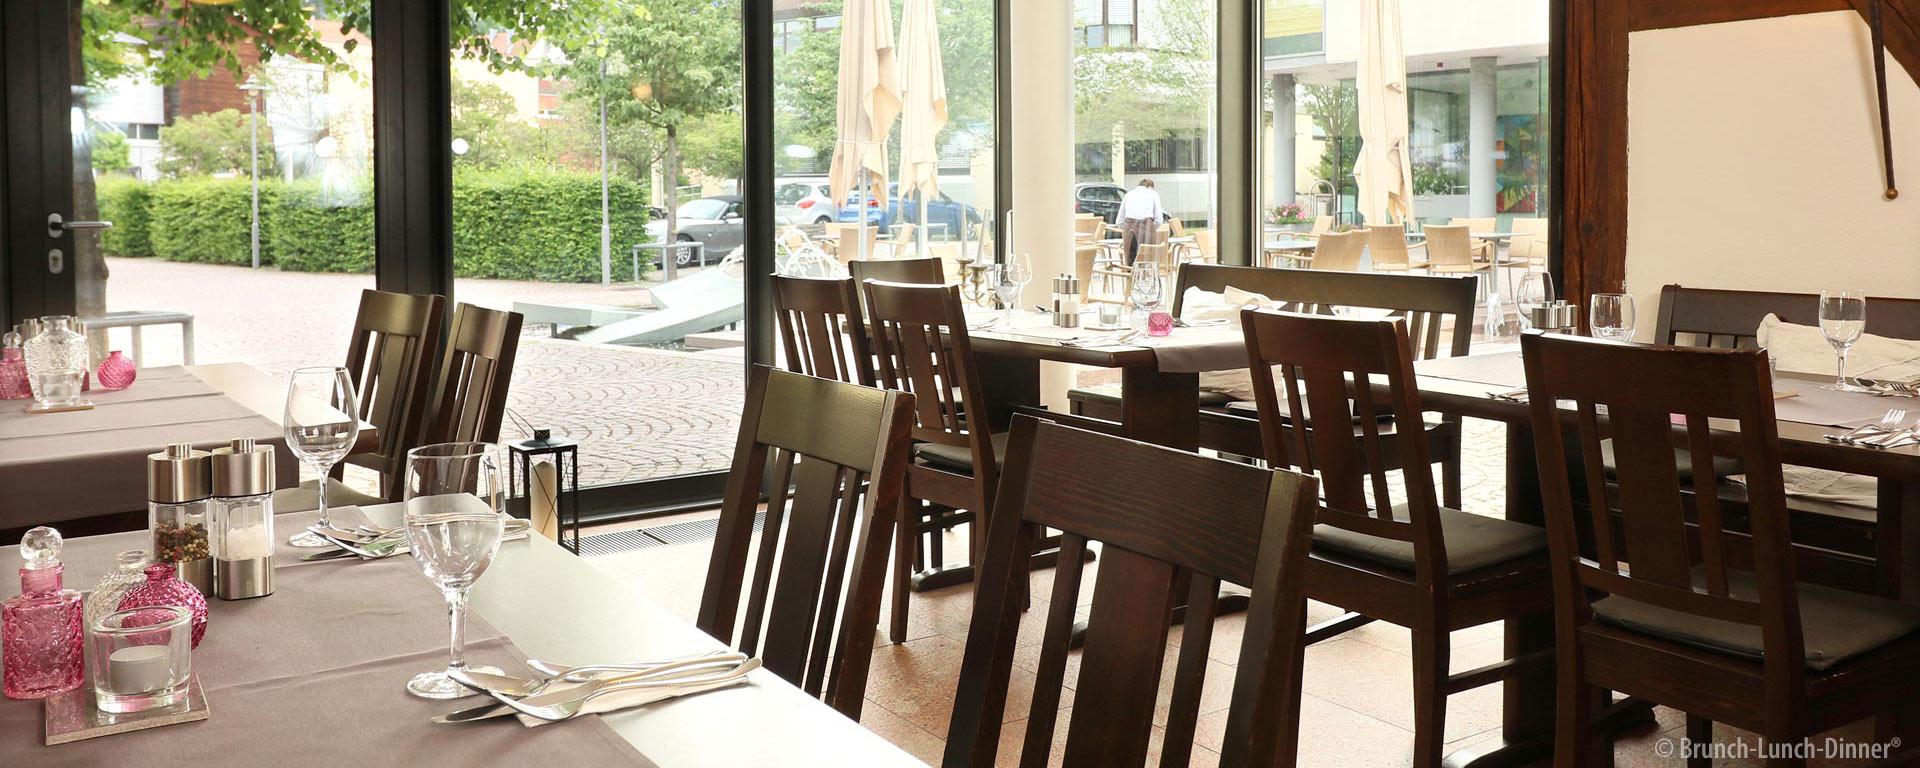 Die Gaststube des Ratsstuben Weissach bietet Gemütlichkeit mit viel Tages-Licht bei luftigem Raum. Genießen Sie den Ausblick auf den Brunnen auf dem Marktplatz.